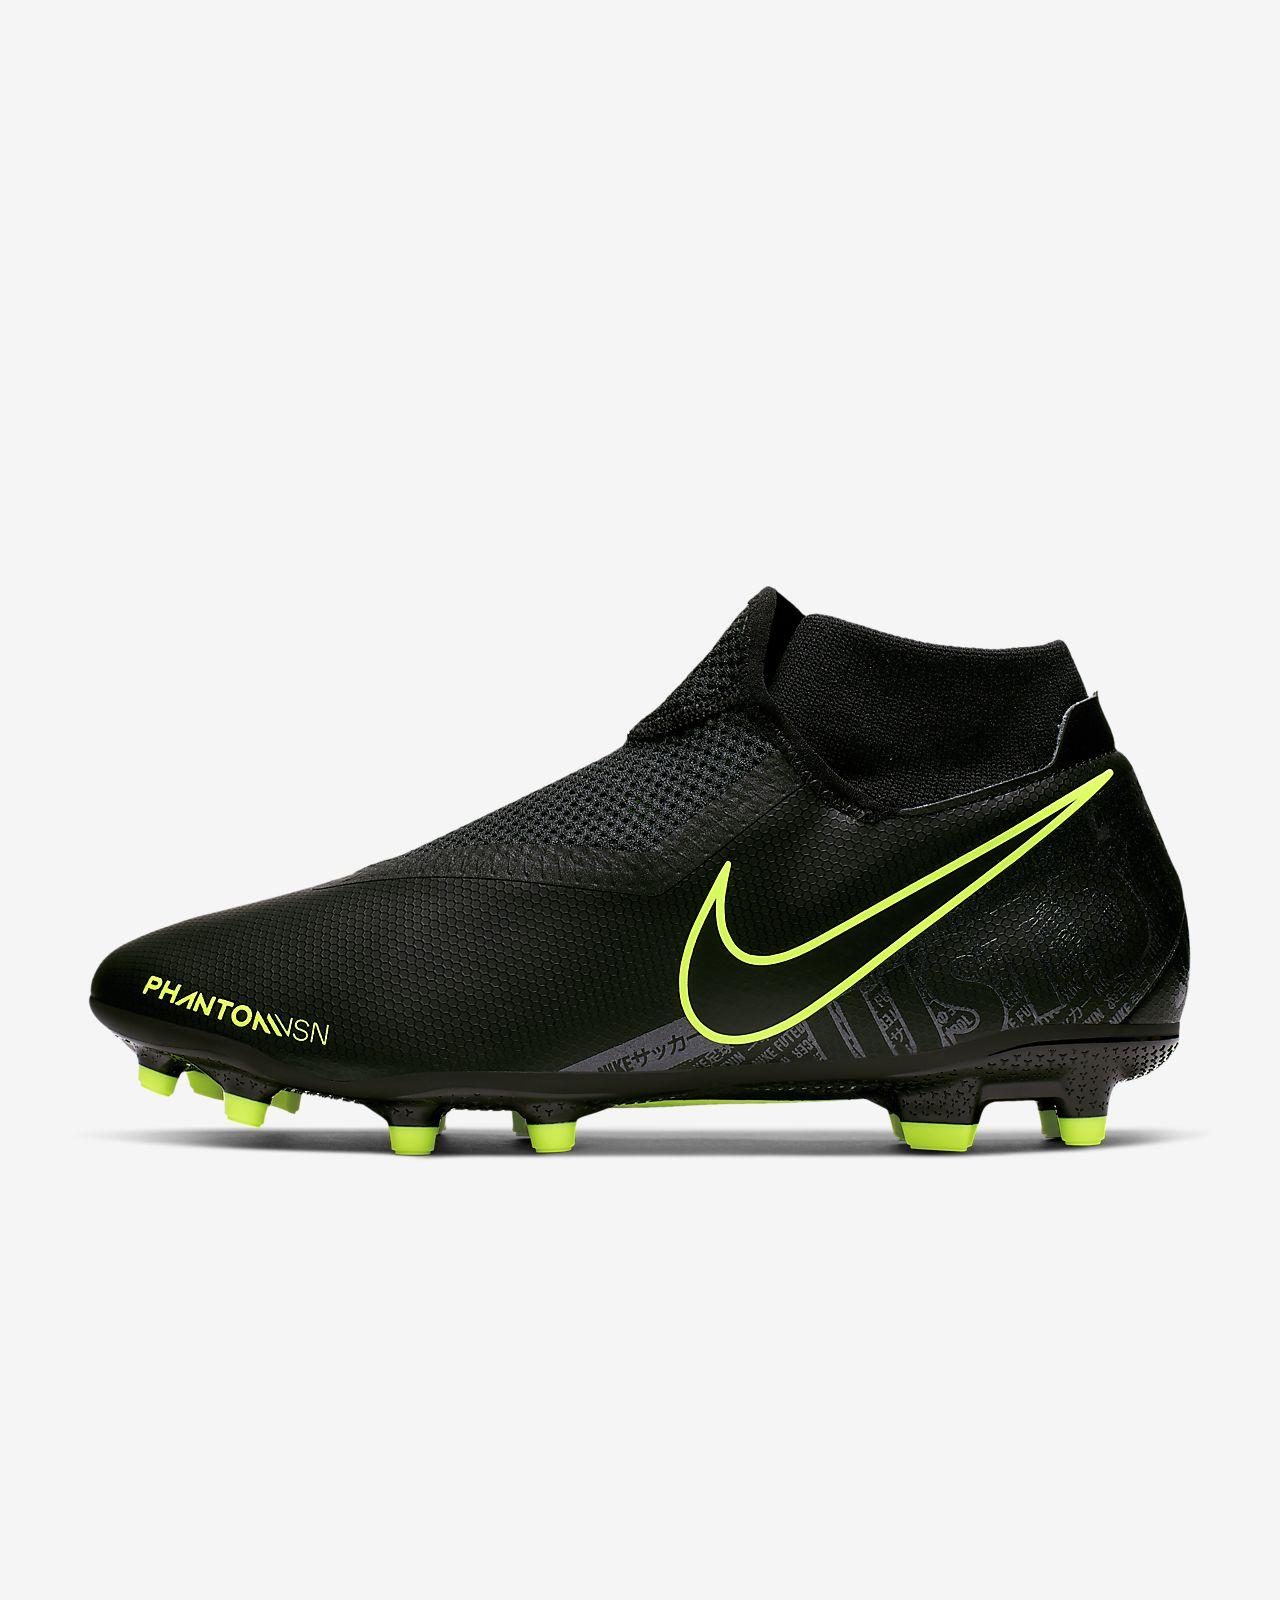 Nike Phantom Vision Academy Dynamic Fit MG többféle talajra készült futballcipő